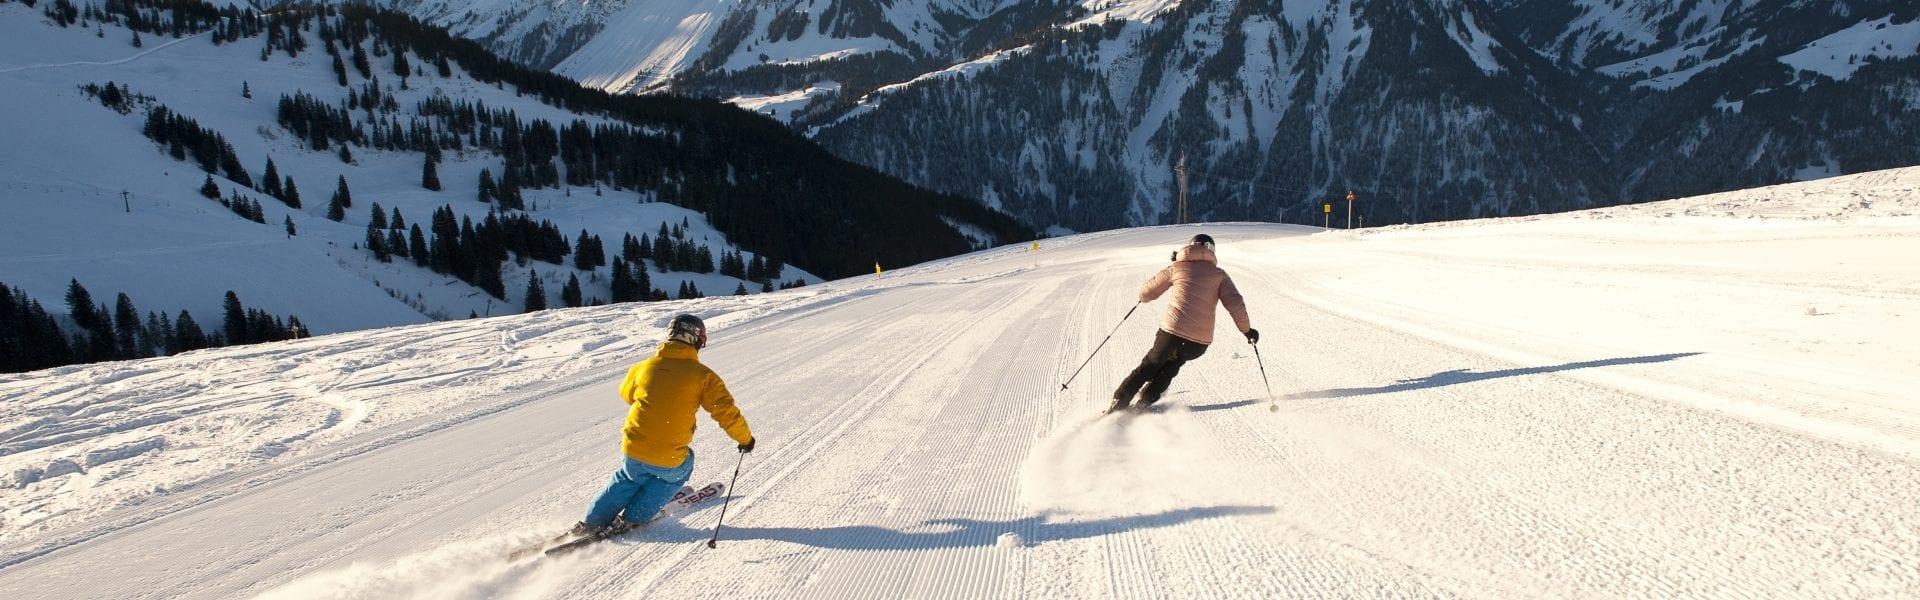 Skifahren am Diedamskopf (c) Alex Kaiser - Diedamskopf Alpin Tourismus GmbH _ Co KG